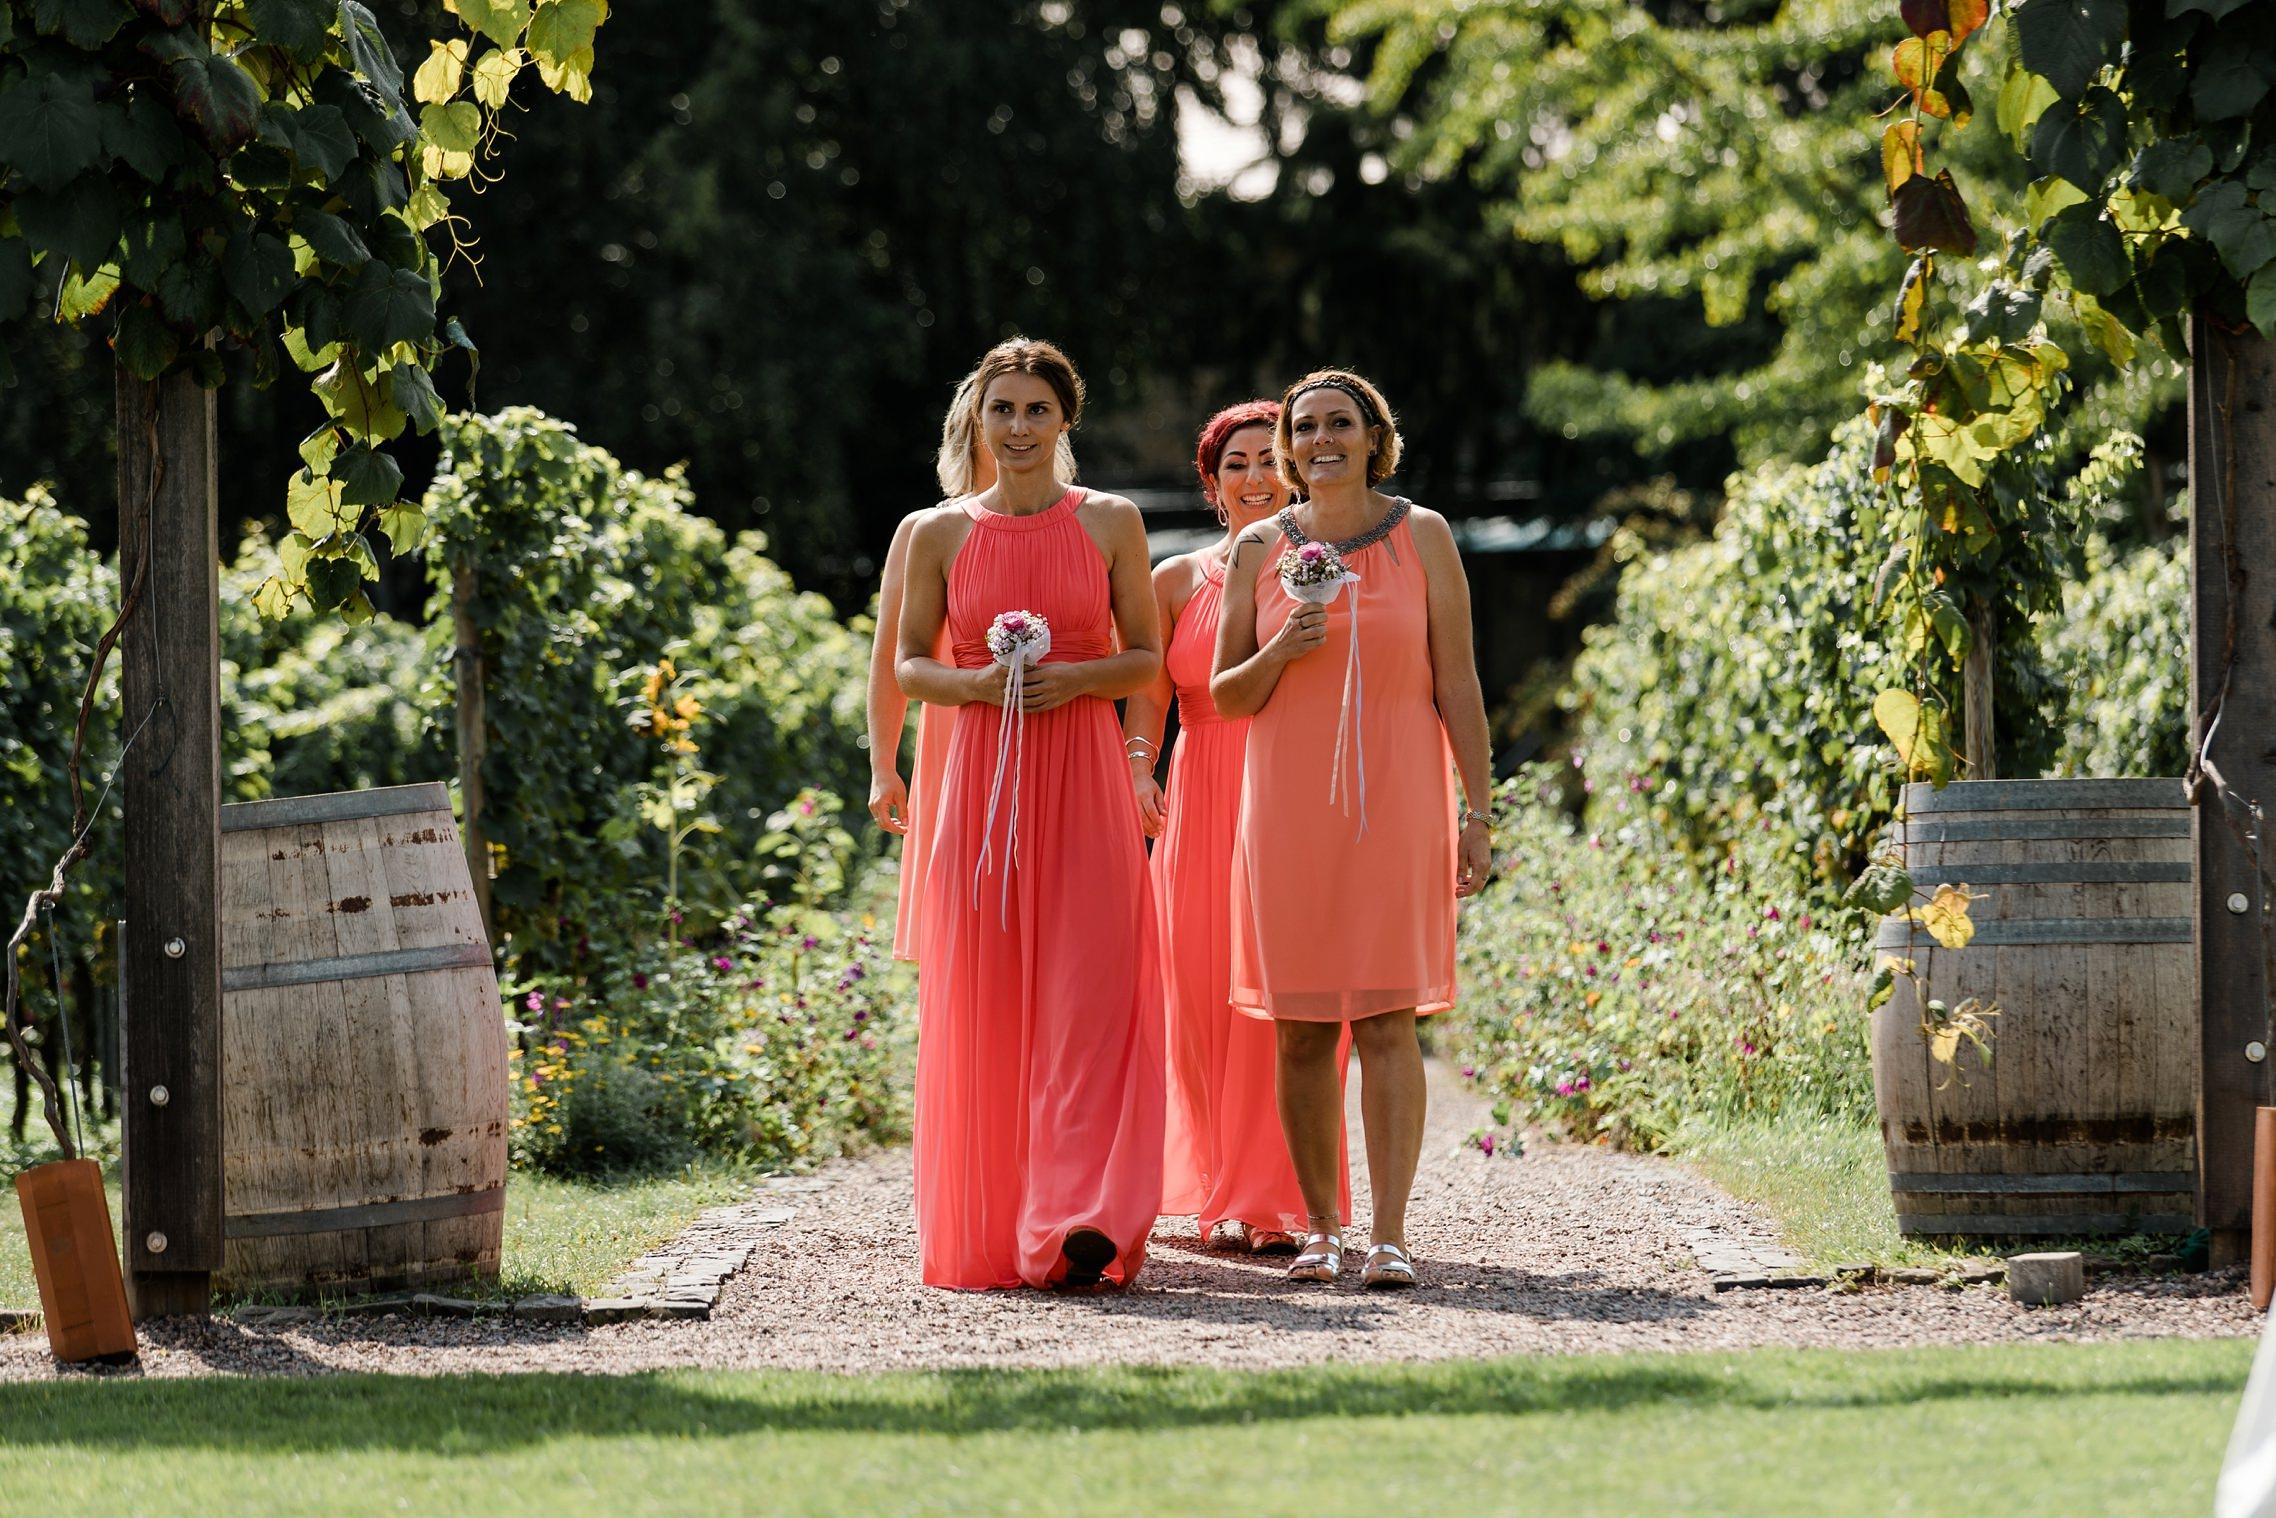 Die Brautjungfern laufen vorneweg und verdecken noch die Braut im Weingut Fitz-Ritter in Bad Dürkheim.